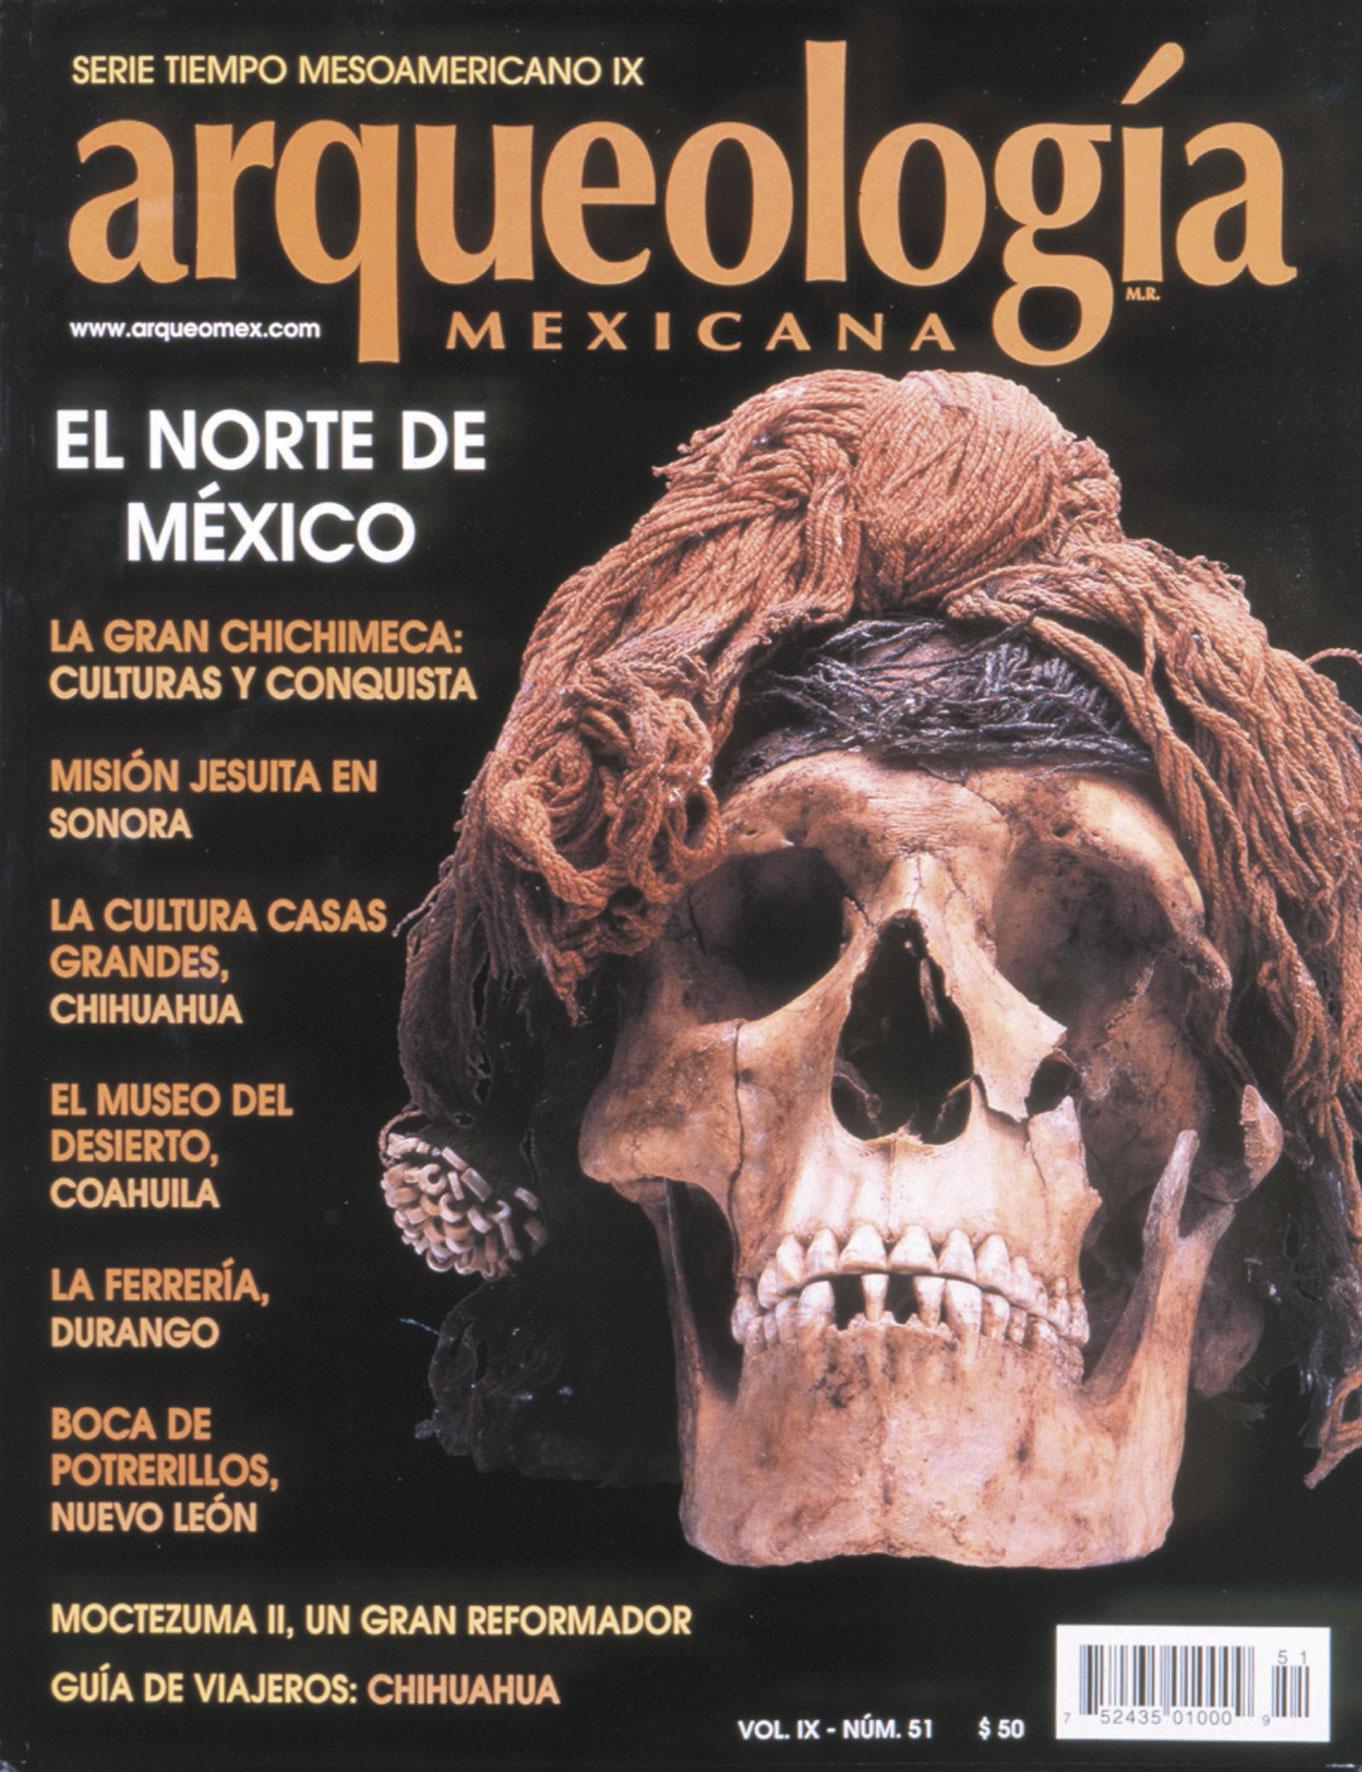 Arqueología mexicana Vol. IX, n° 51 El norte de México